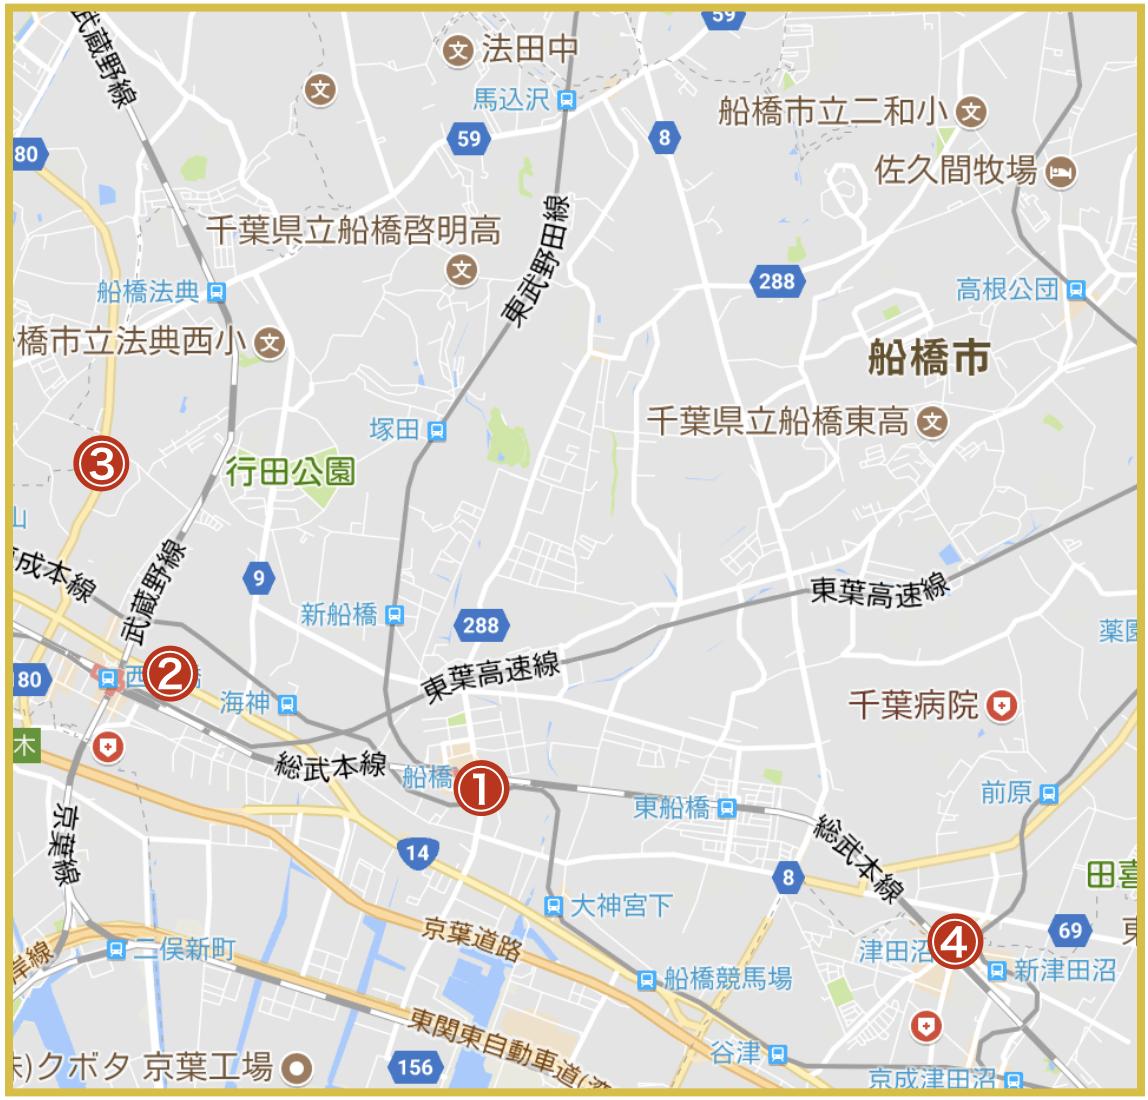 船橋市にあるアコム店舗・ATMの位置(2020年4月版)